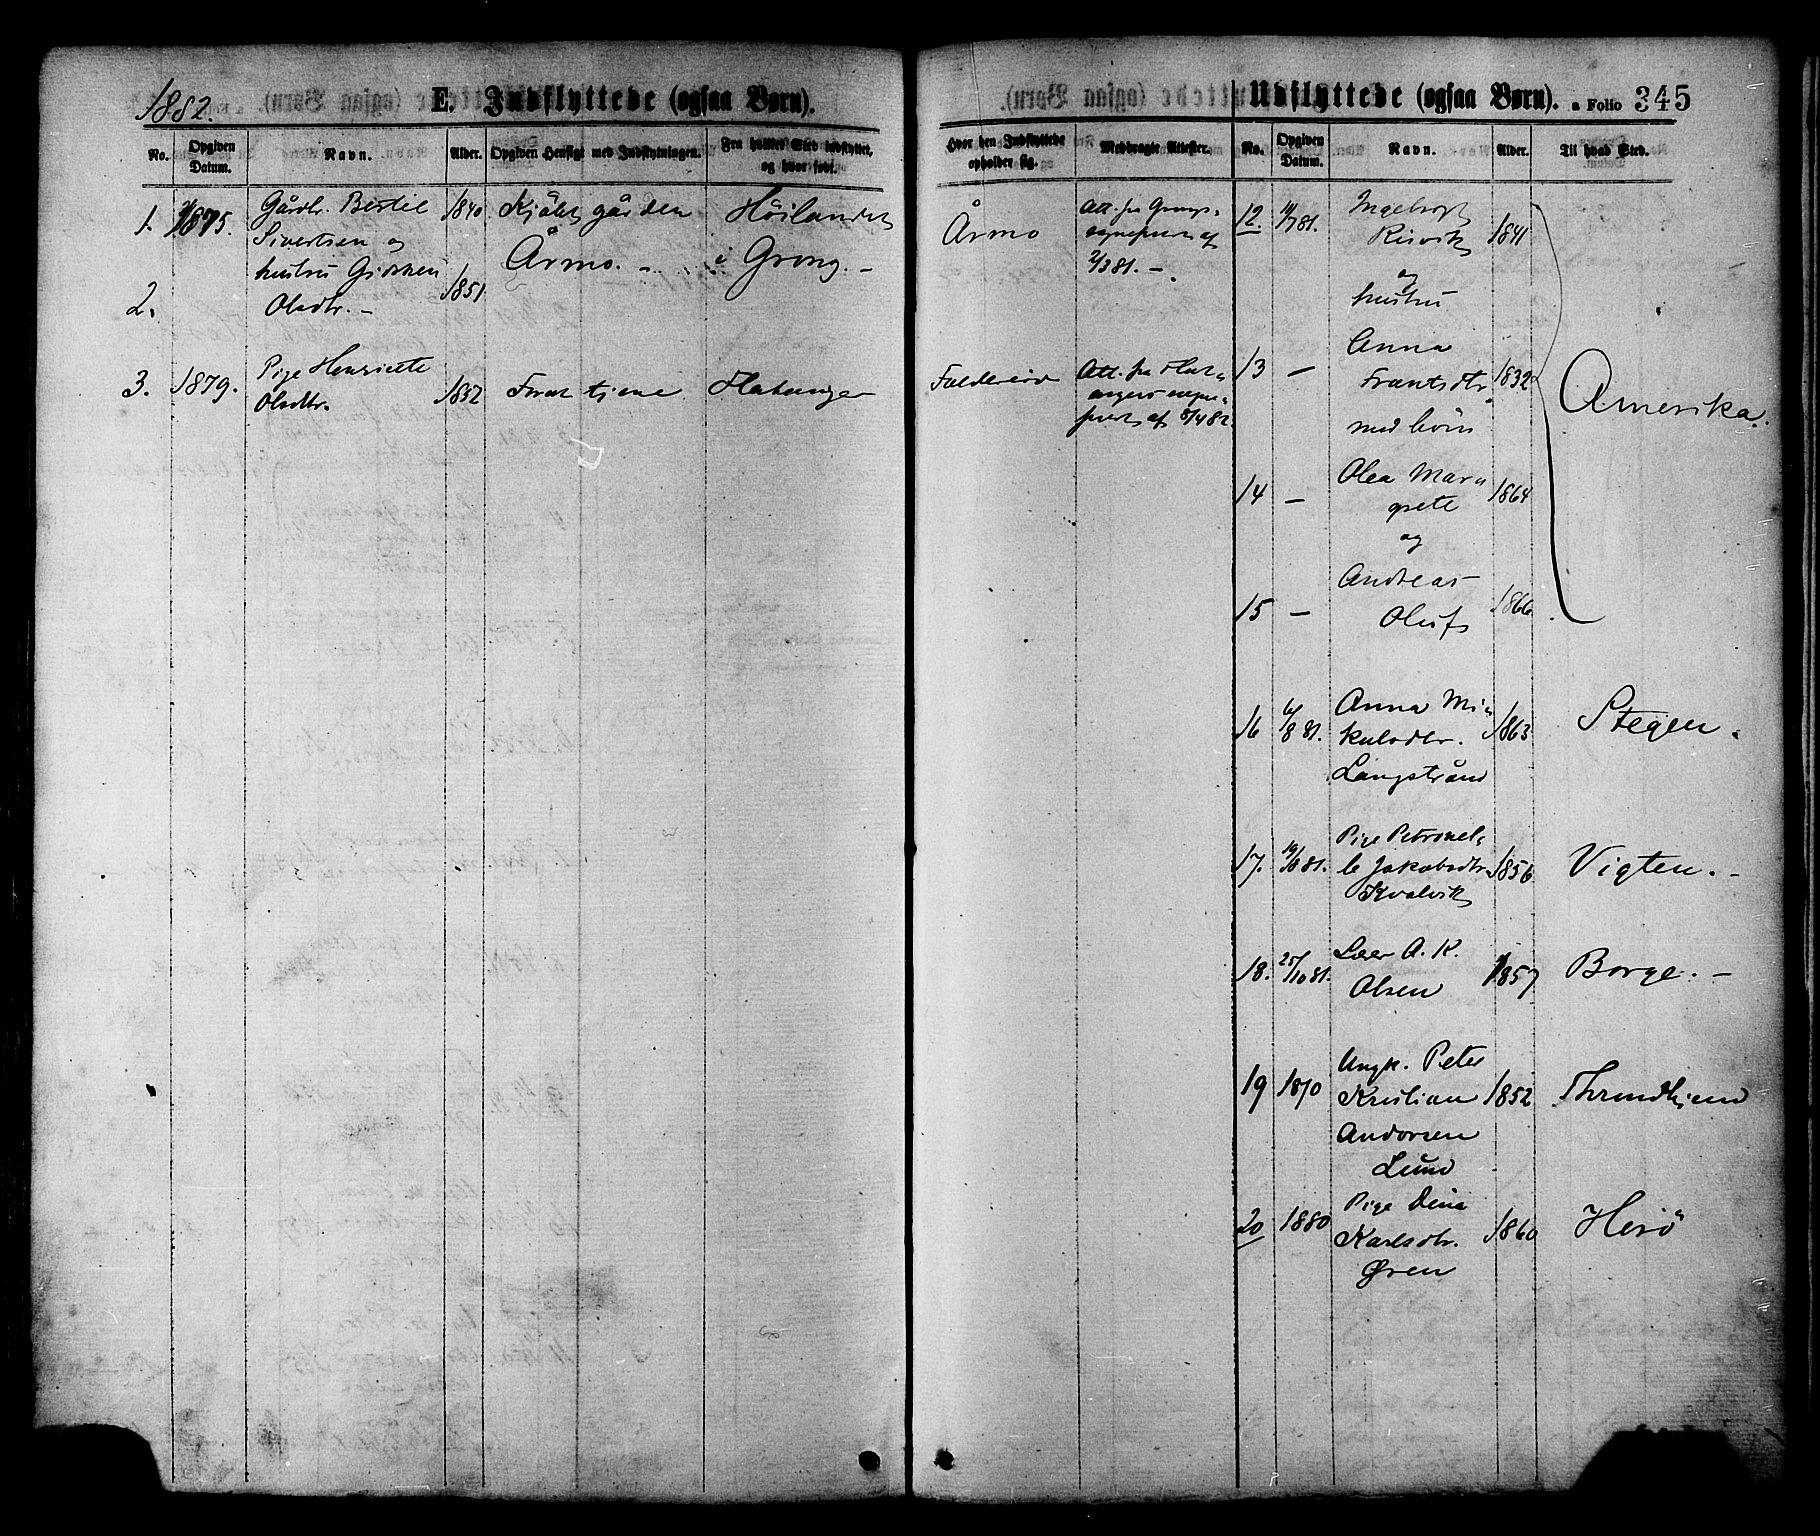 SAT, Ministerialprotokoller, klokkerbøker og fødselsregistre - Nord-Trøndelag, 780/L0642: Ministerialbok nr. 780A07 /1, 1874-1885, s. 345